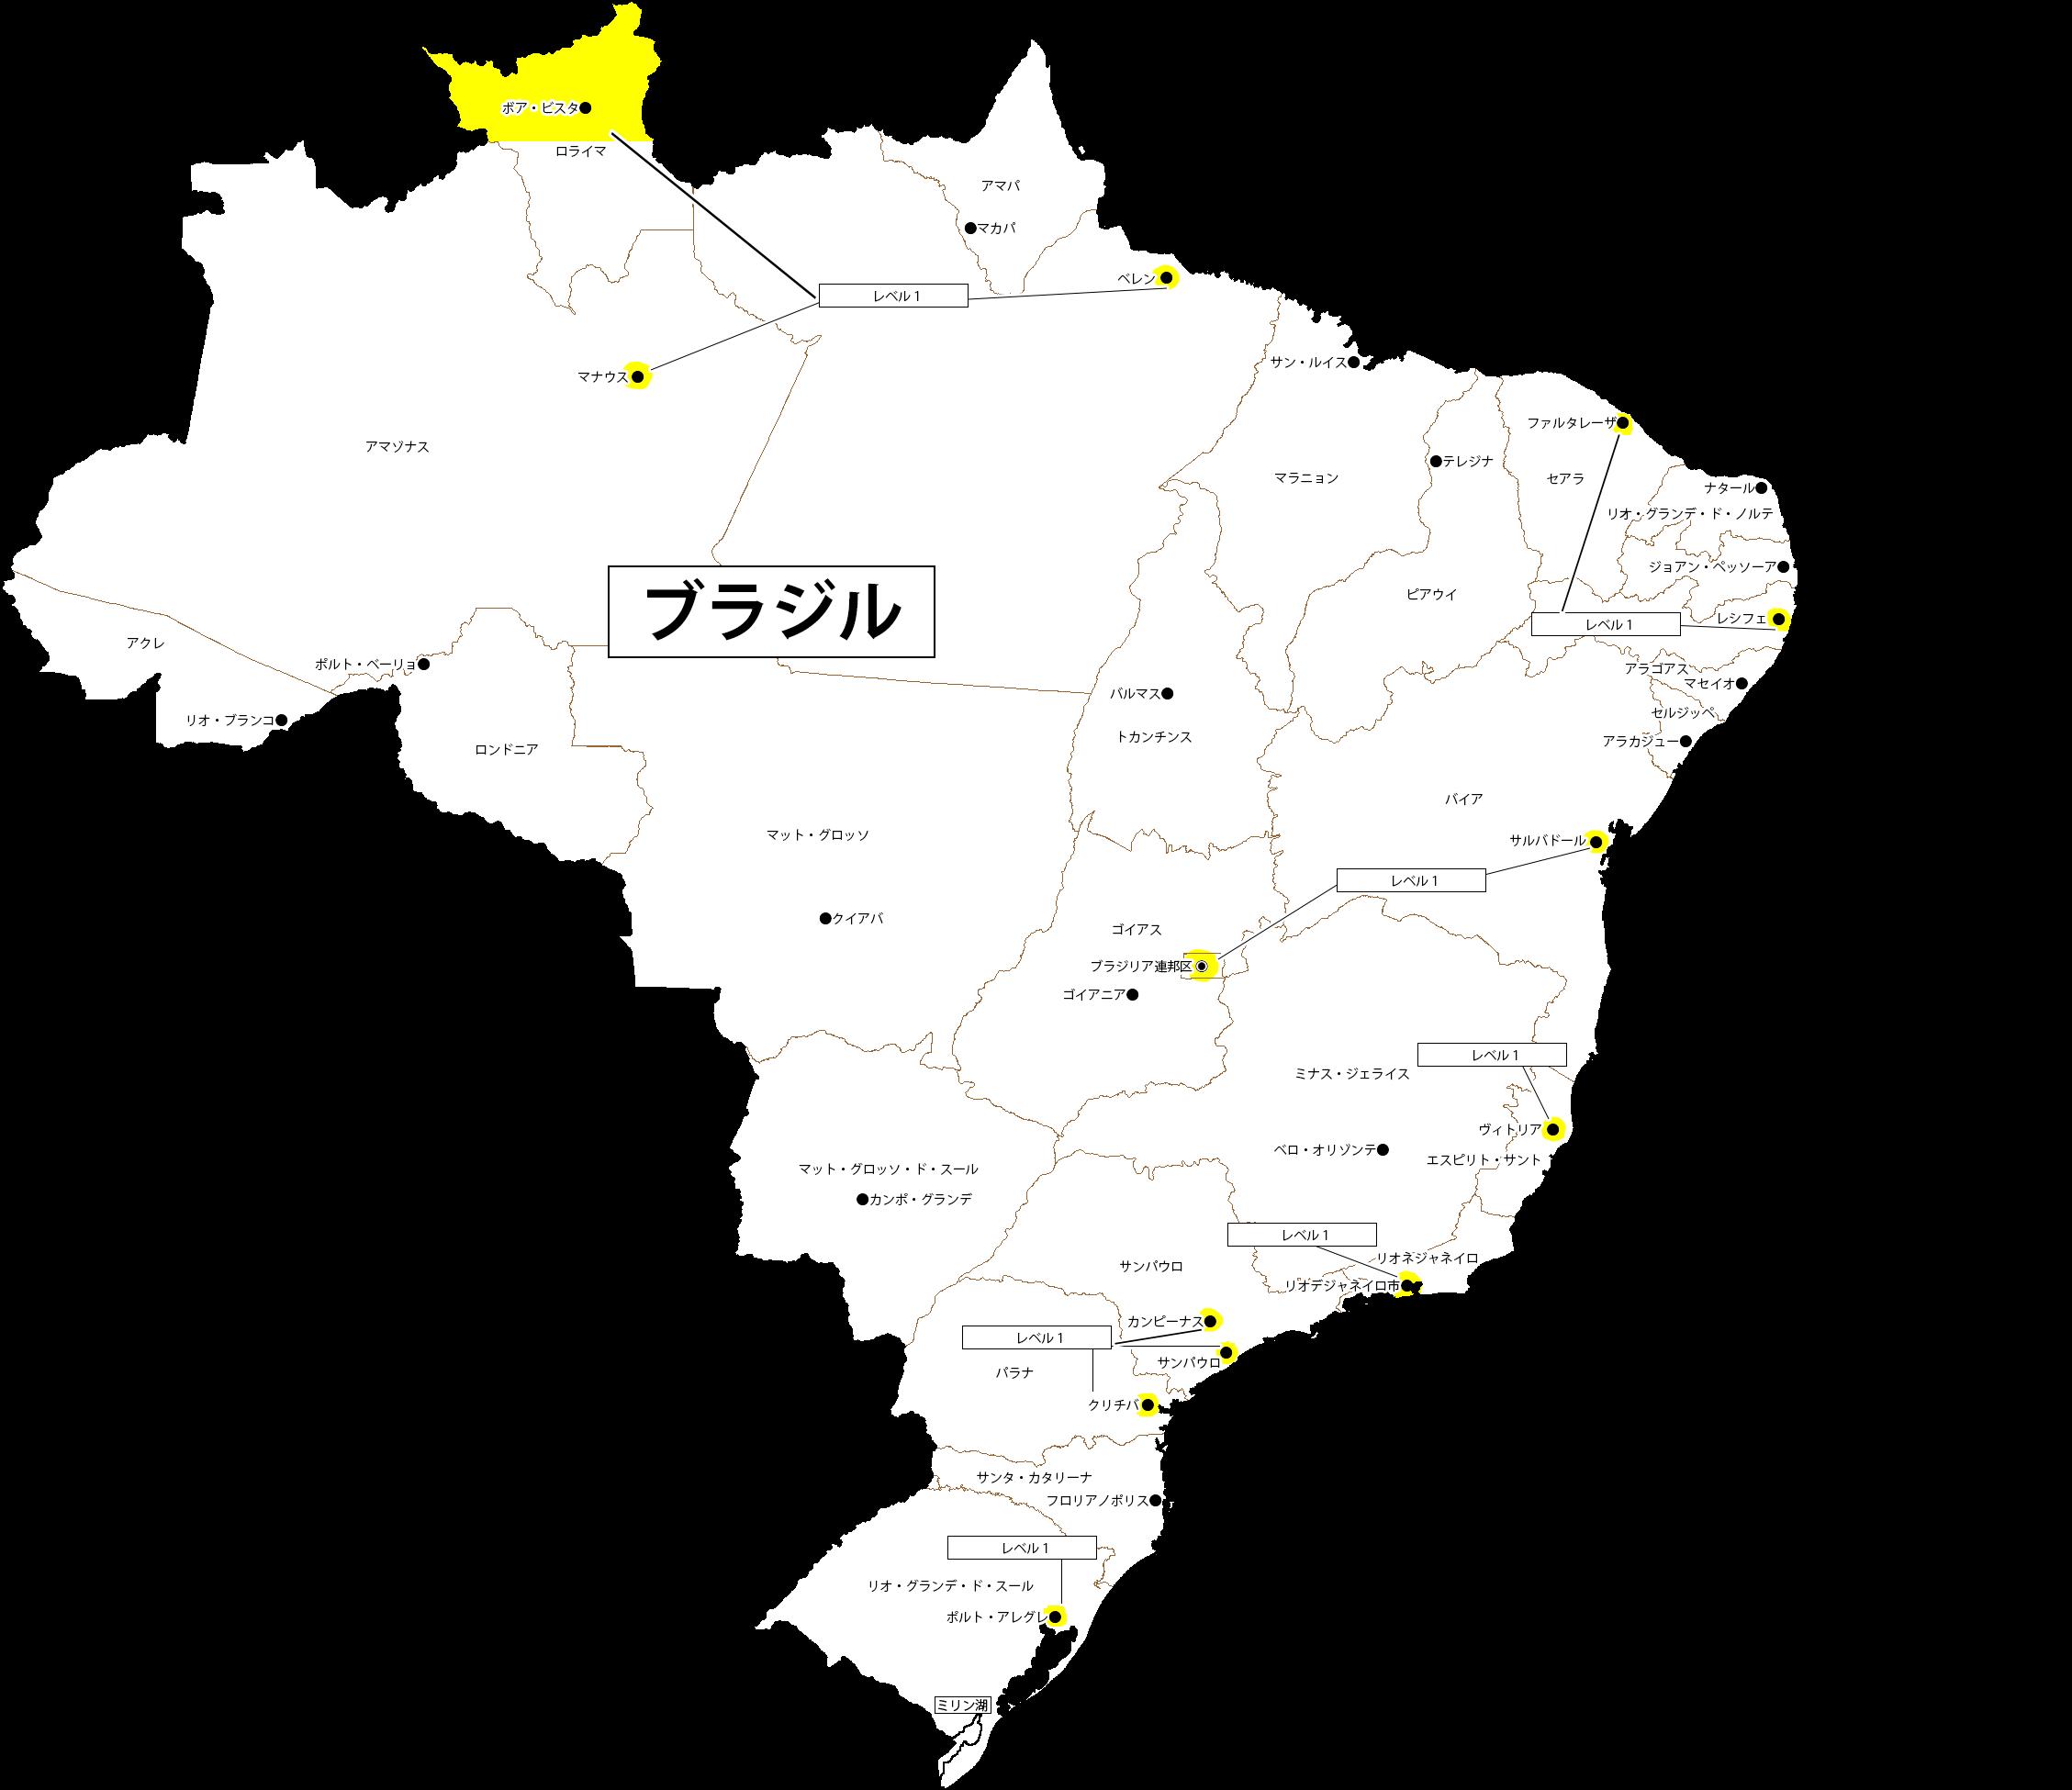 言語 ブラジル